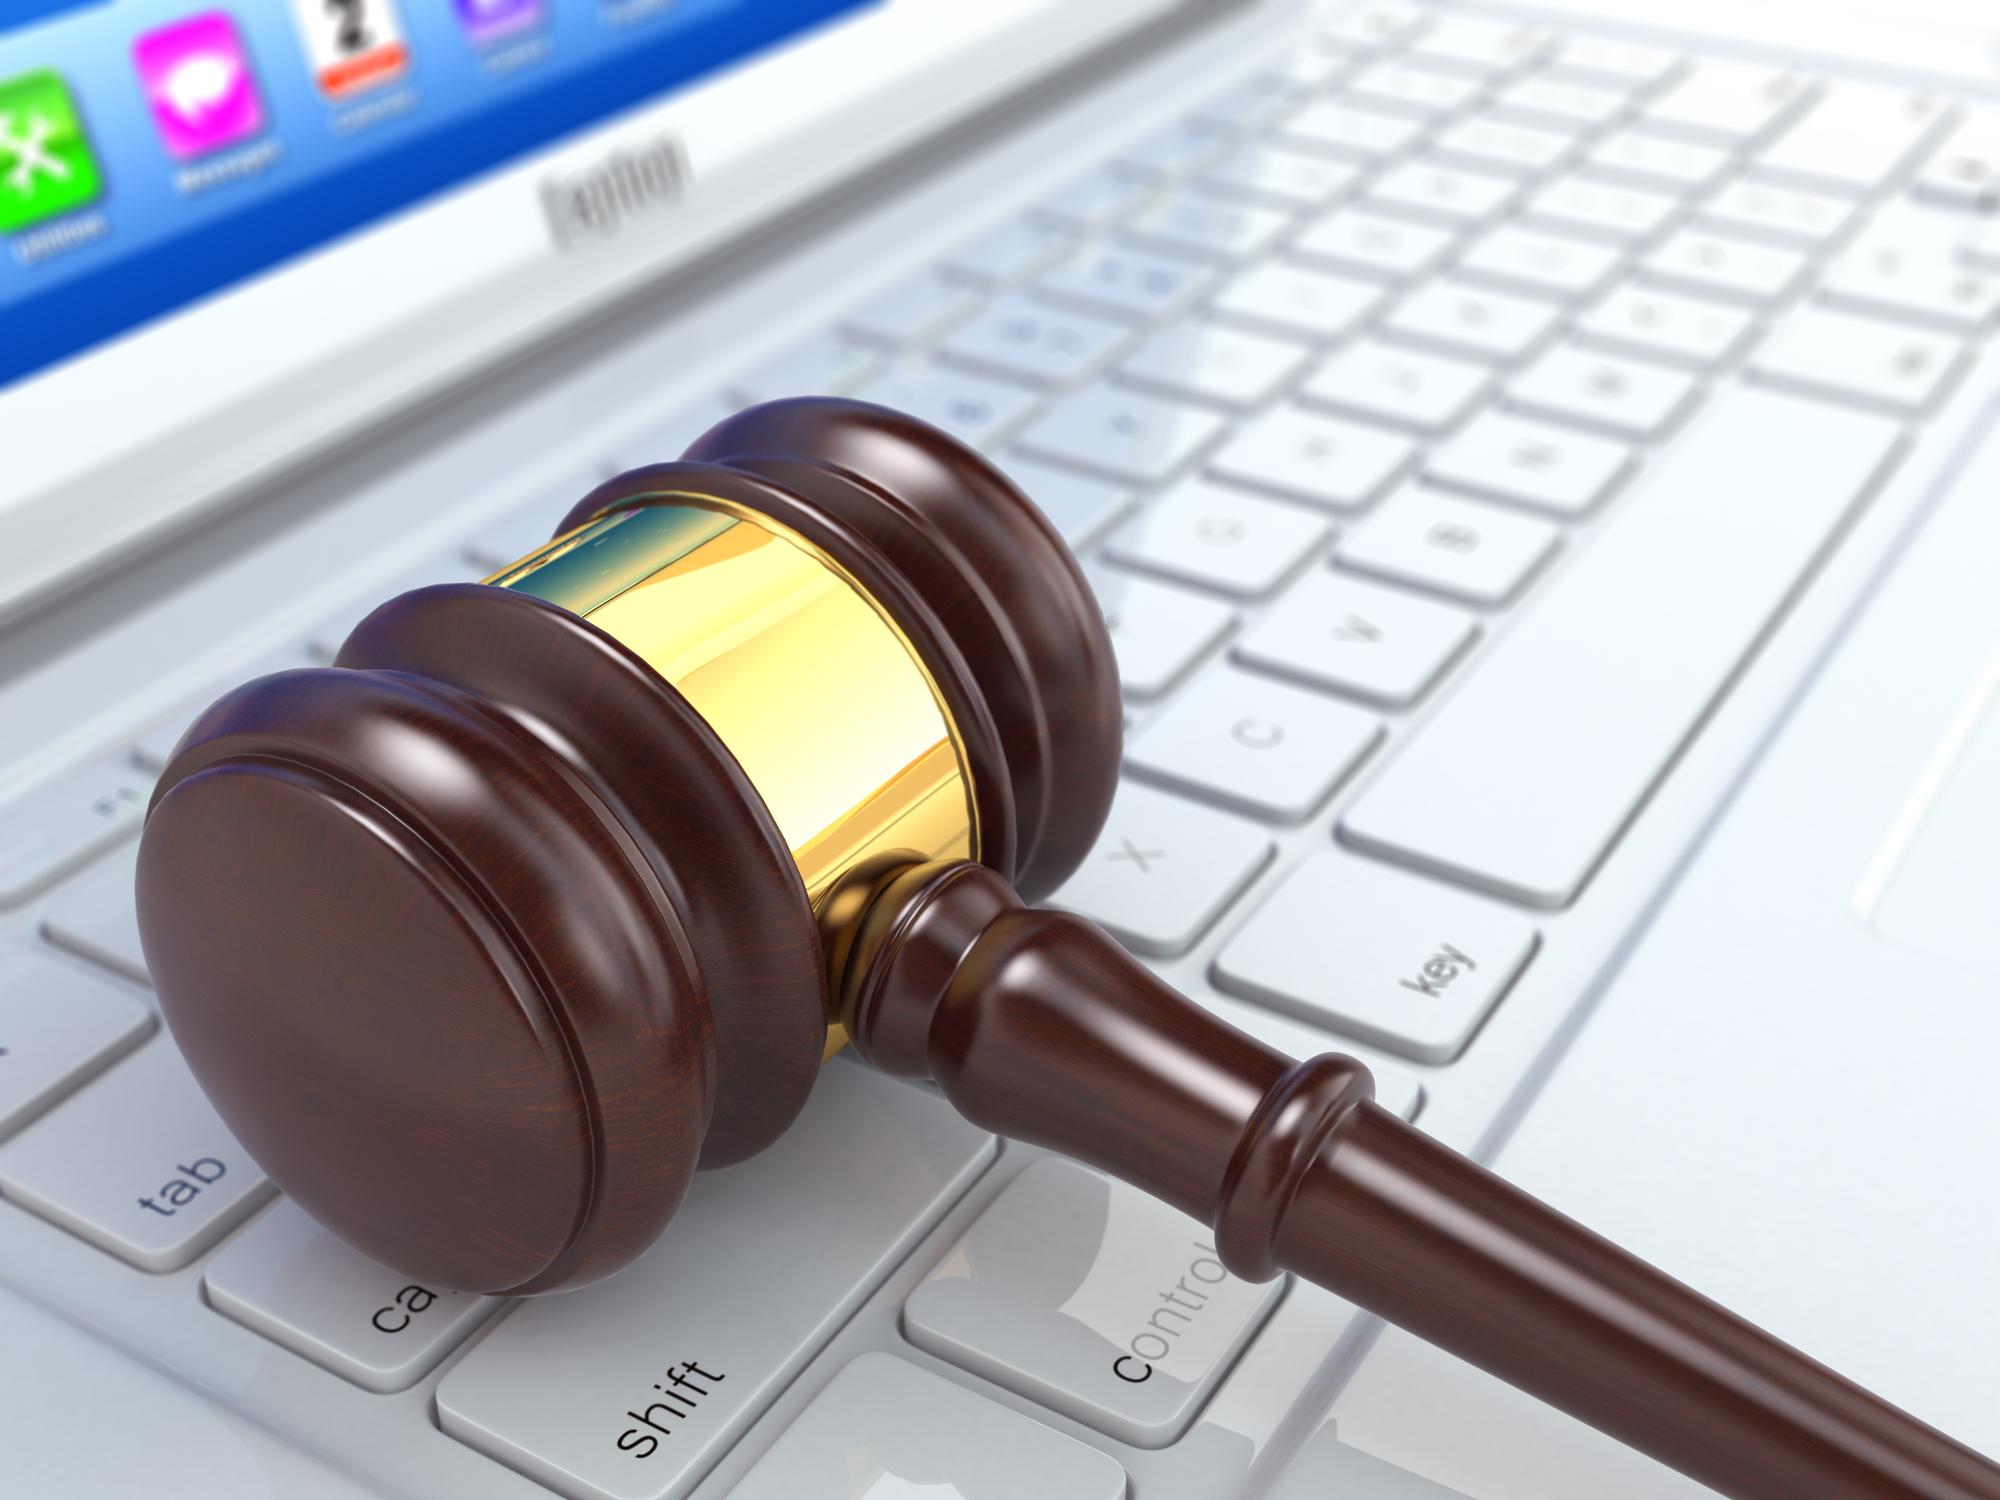 этом, юридическая ответственность за фото в интернете ведении любого бизнеса